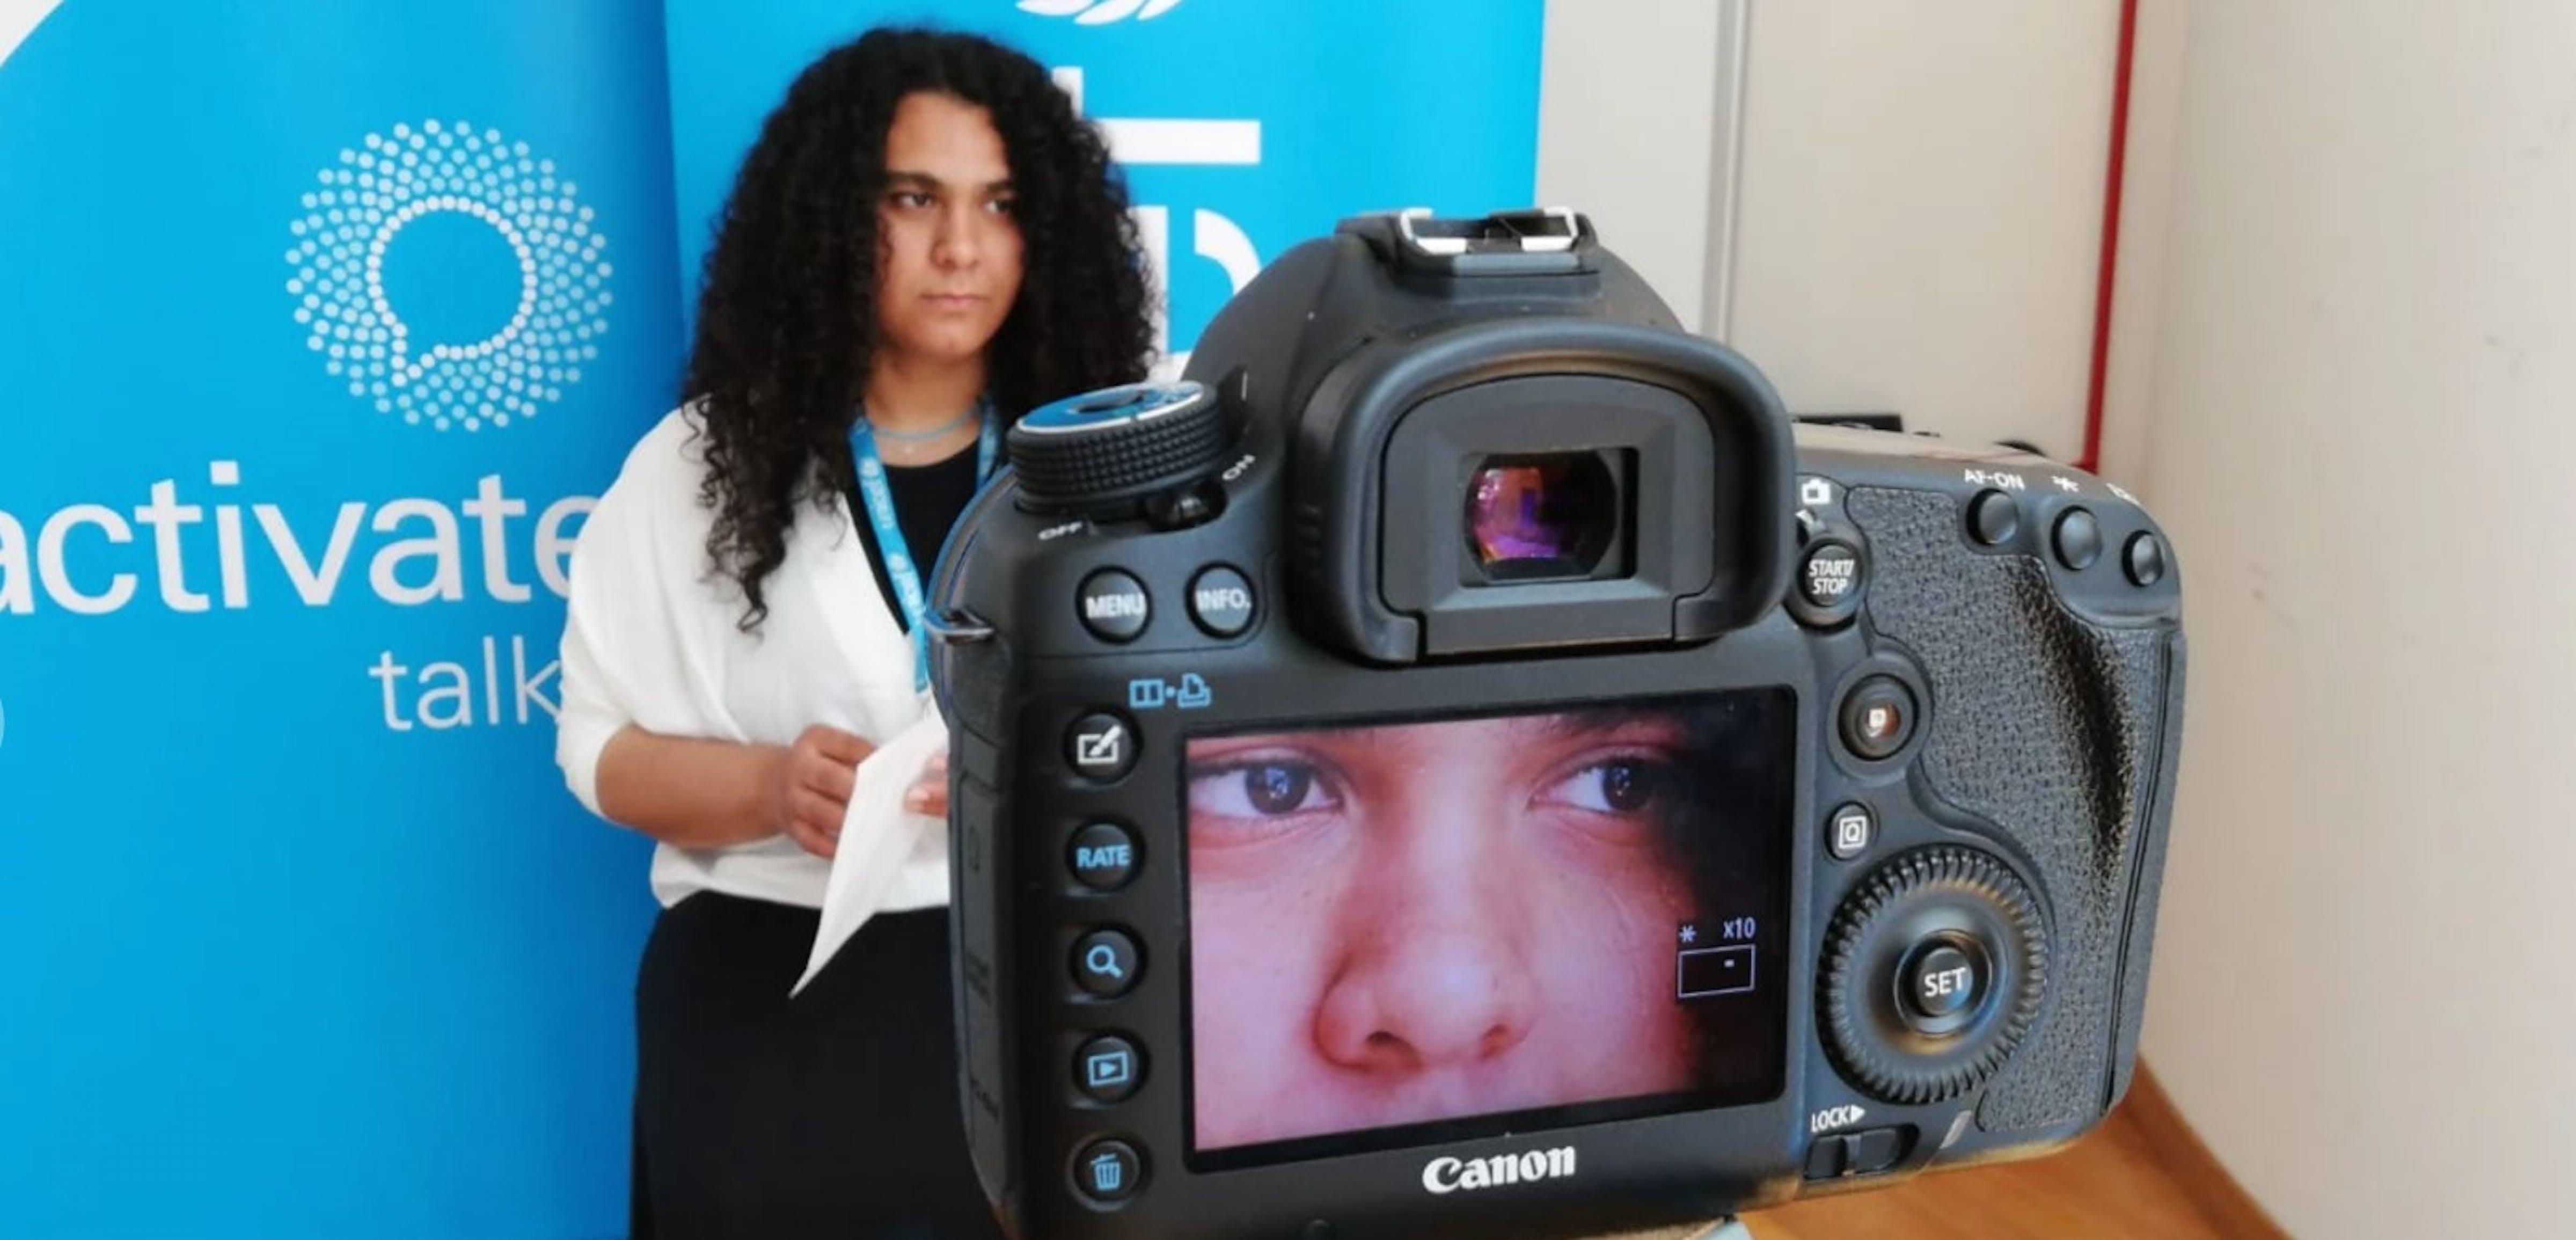 Activate Talk: una ragazza si prepara al suo intervento davanti alla telecamera